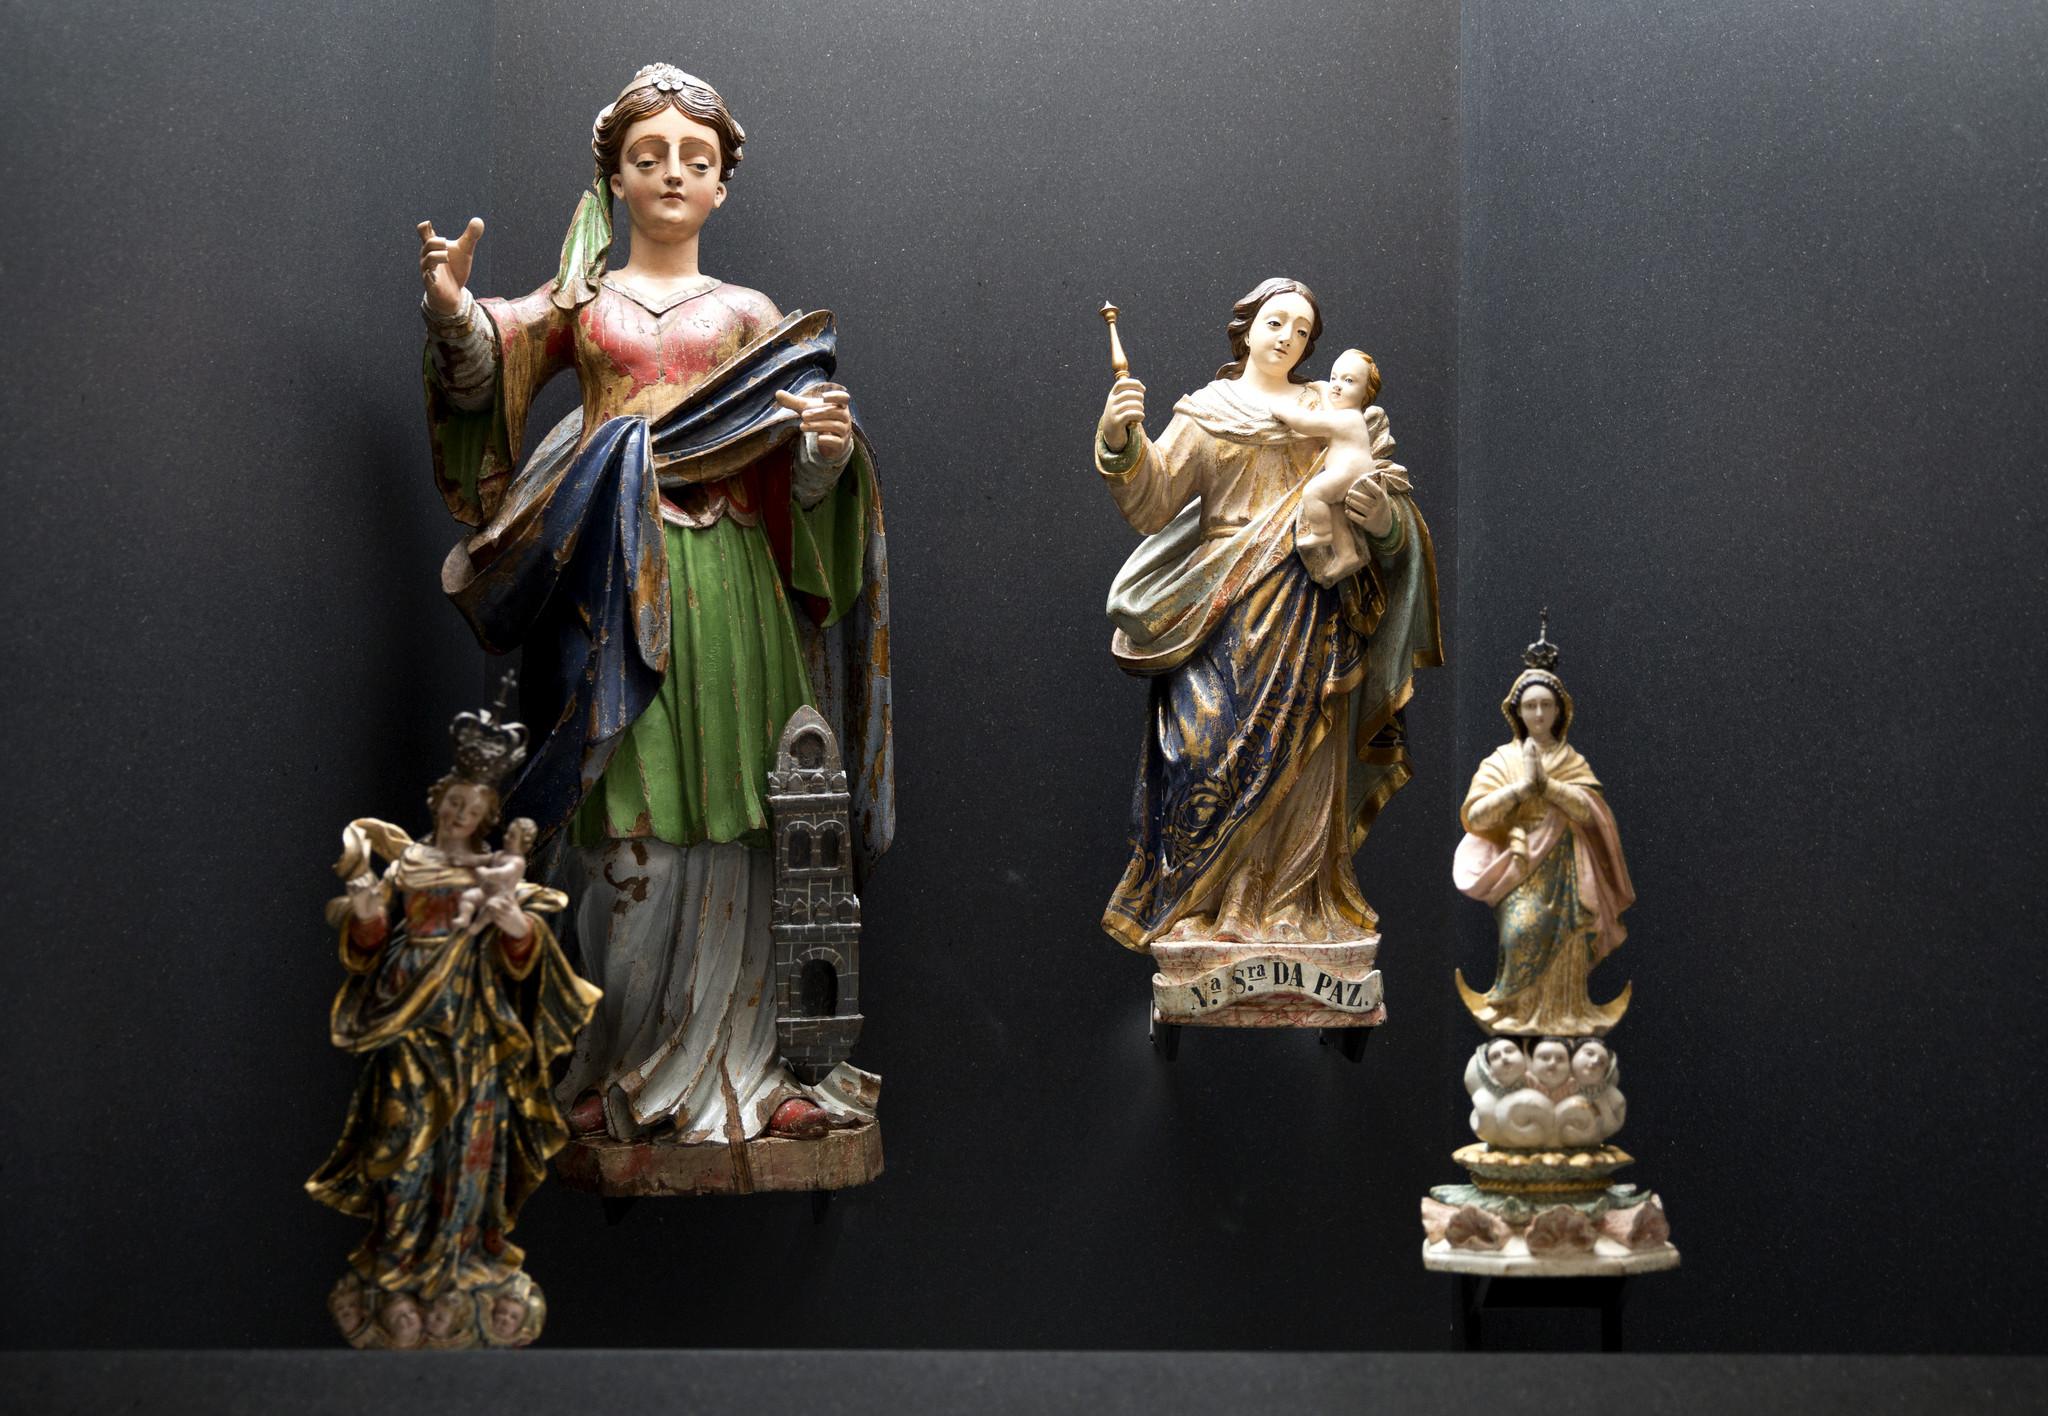 lm-museu misericordia08-07-15-07.jpg